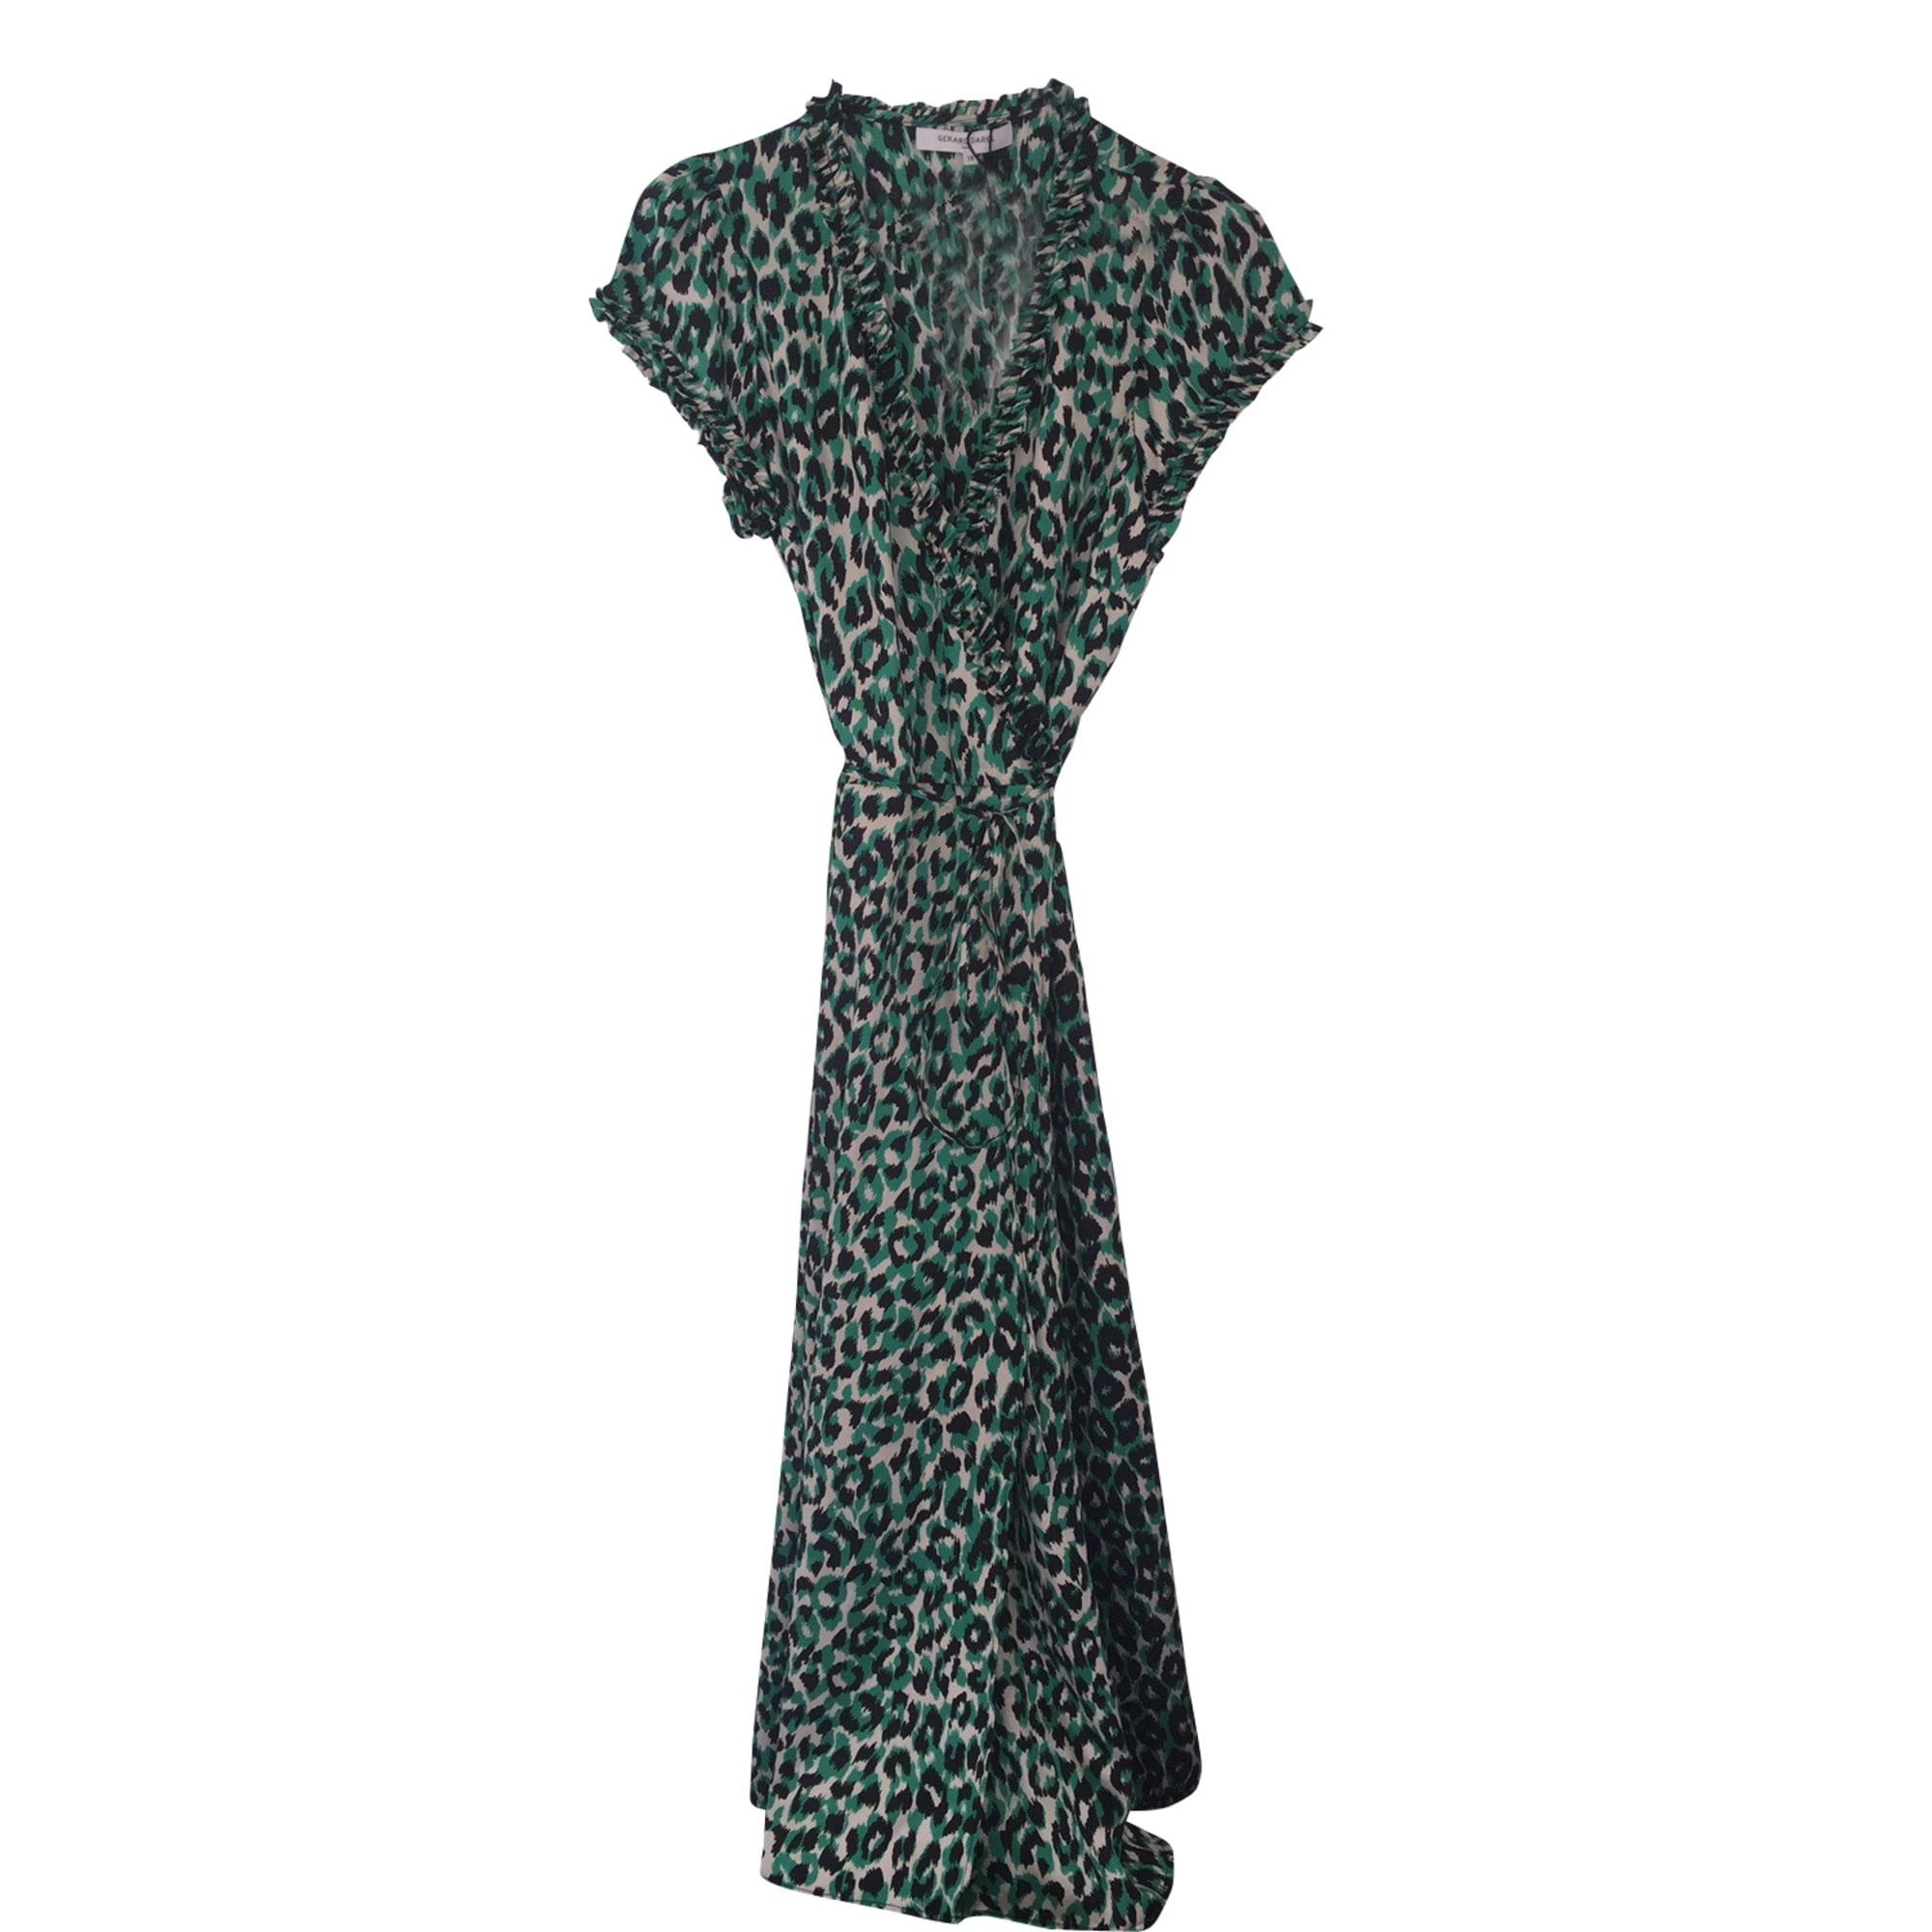 Robe Longue Gerard Darel 38 M T2 Vert Vendu Par Nuagedelait 10194350